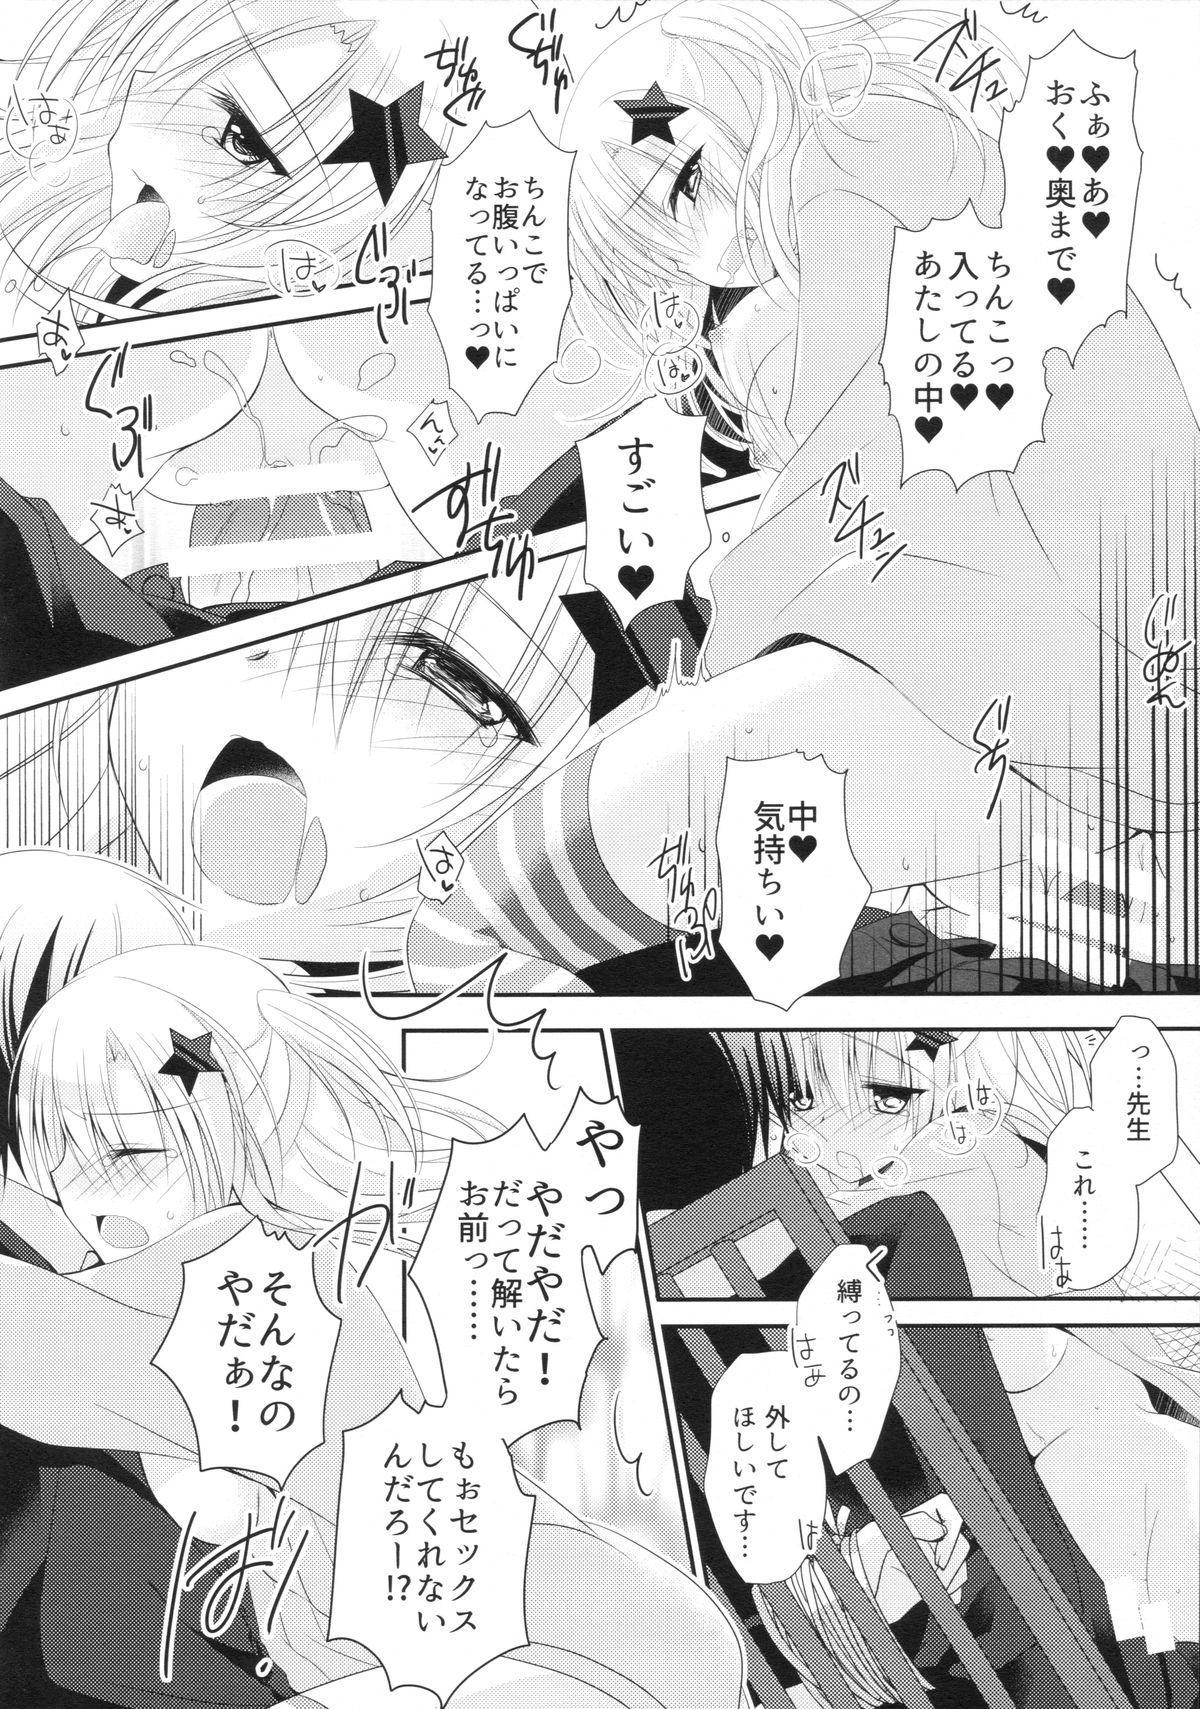 Yuka Sensei 29-sai 14